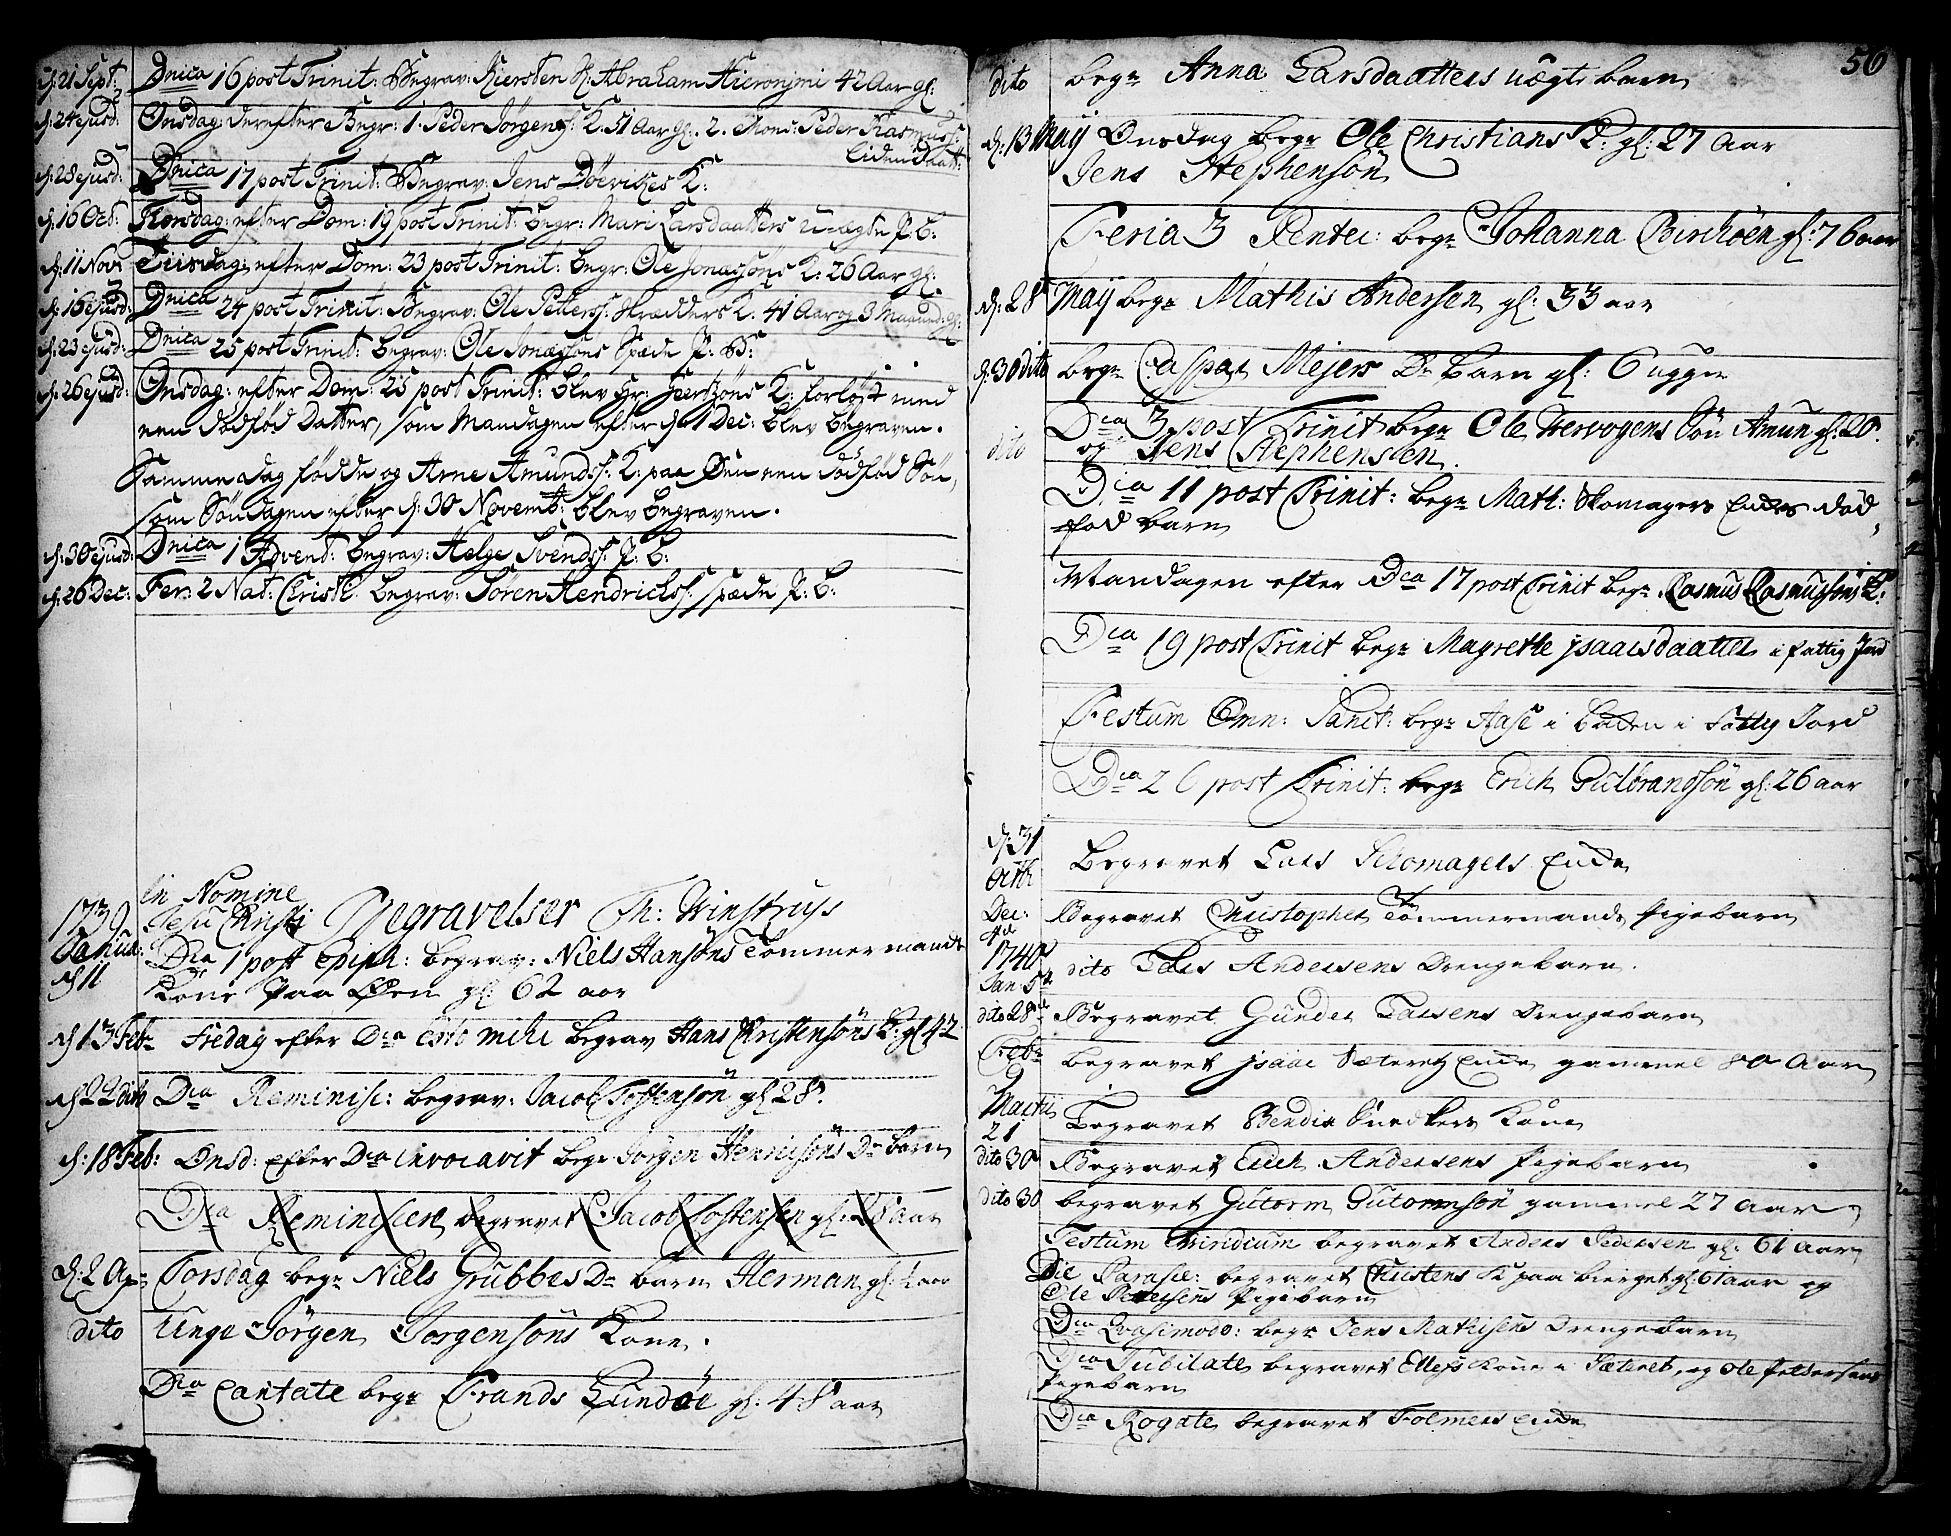 SAKO, Brevik kirkebøker, F/Fa/L0002: Ministerialbok nr. 2, 1720-1764, s. 56